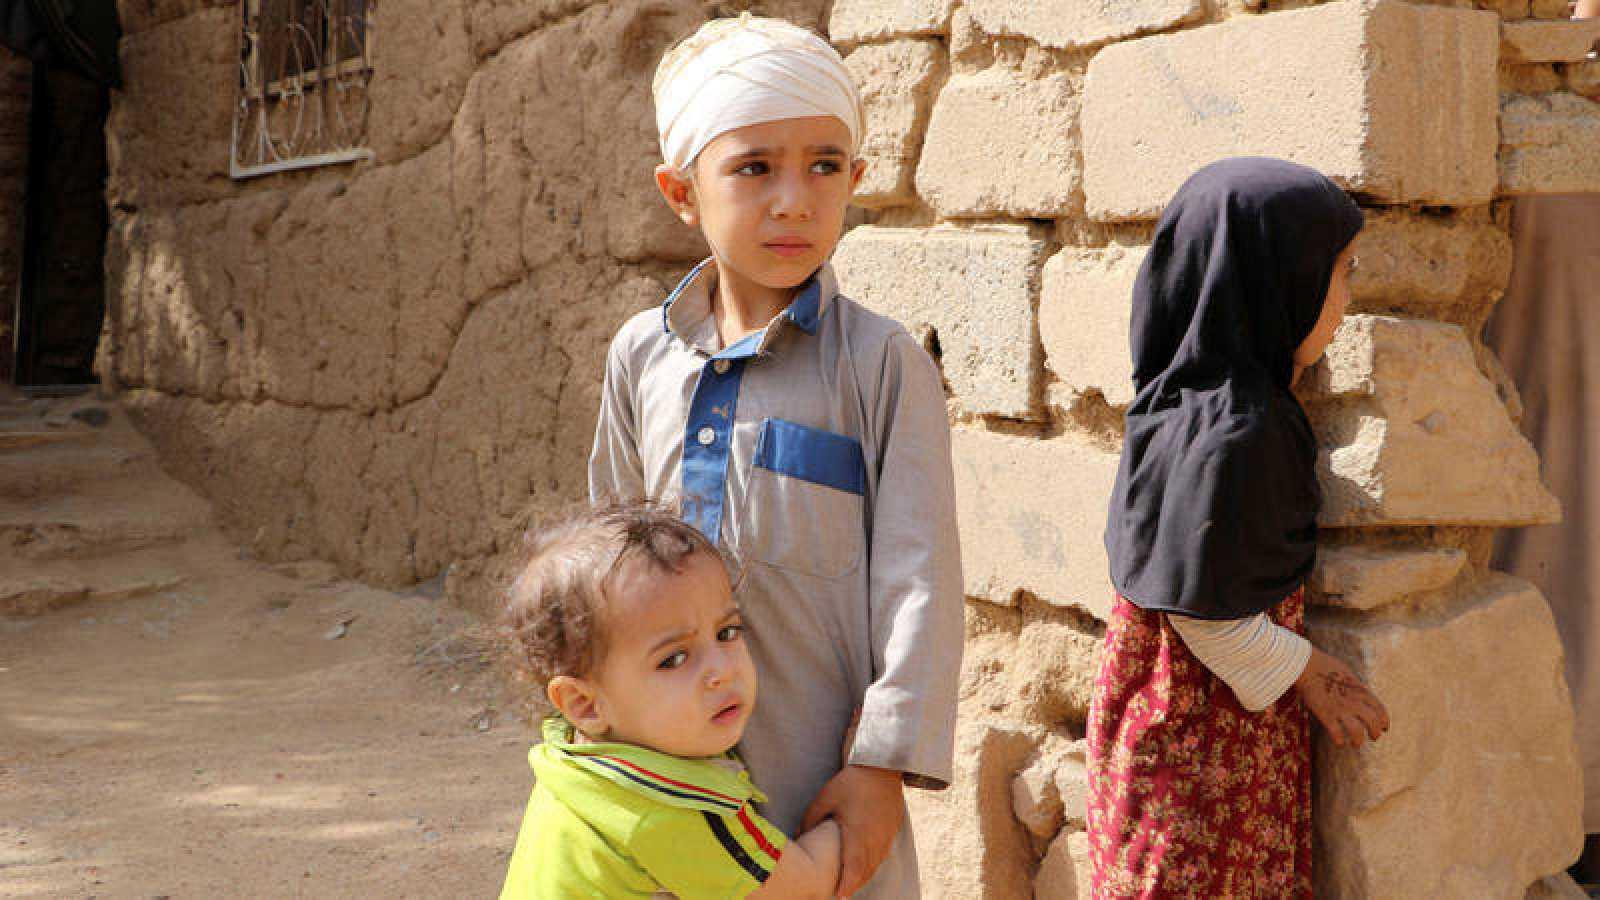 Niños supervivientes del reciente ataque aéreo sobre Sada, Yemen, conducido por Arabia Saudí